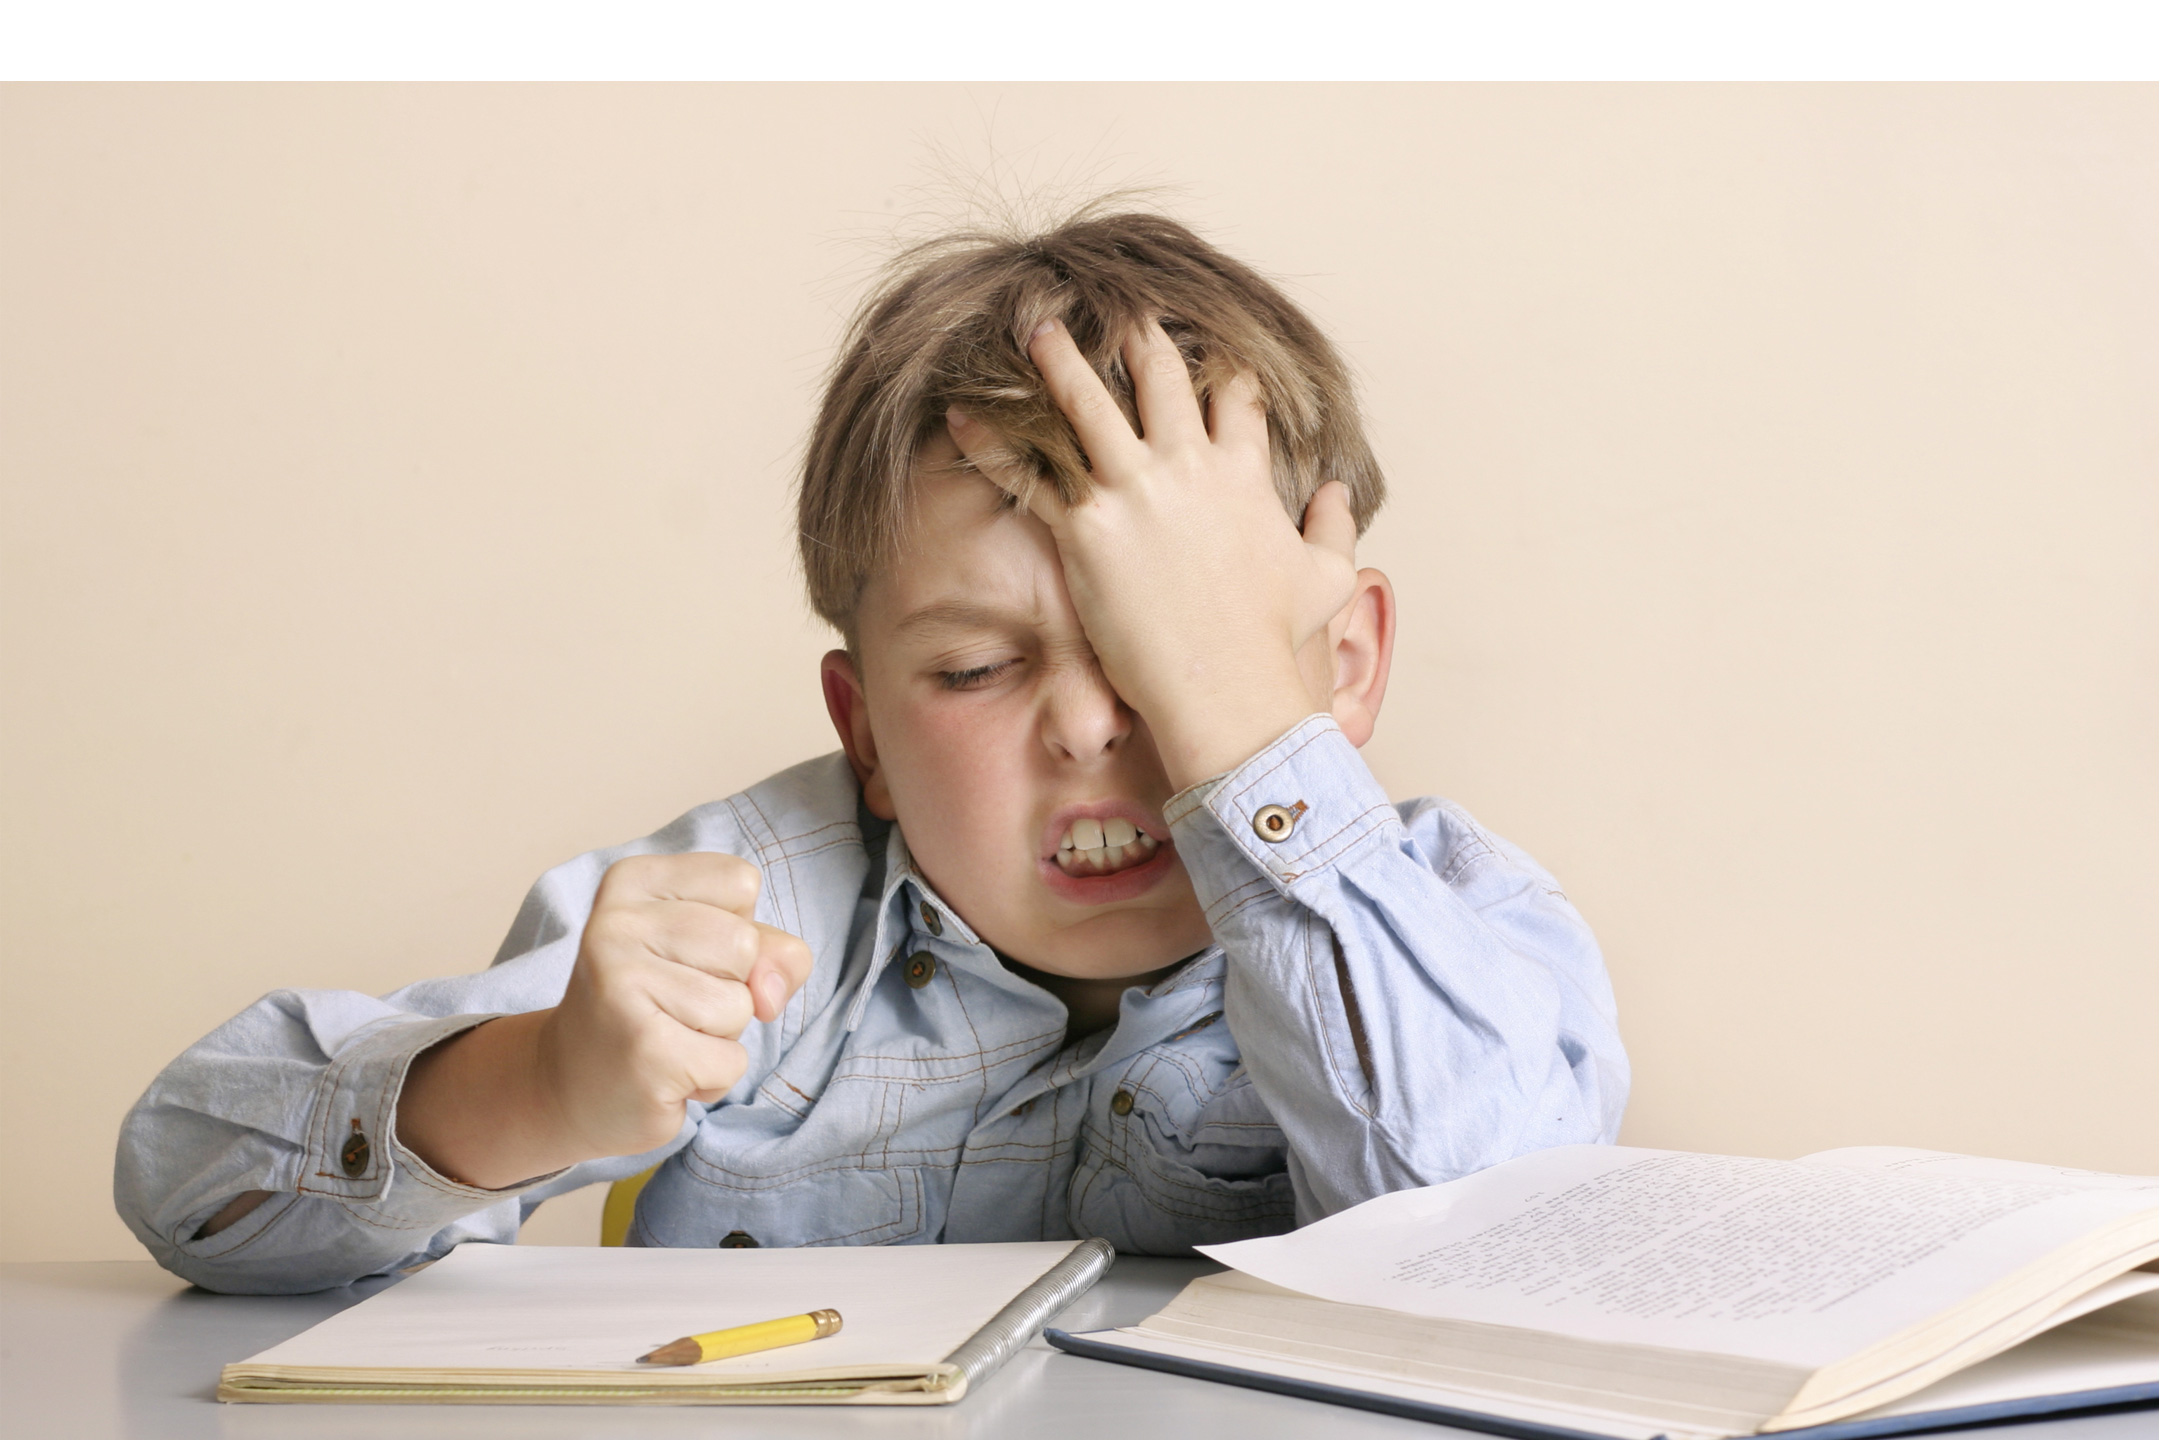 frustrated-school-boy2160